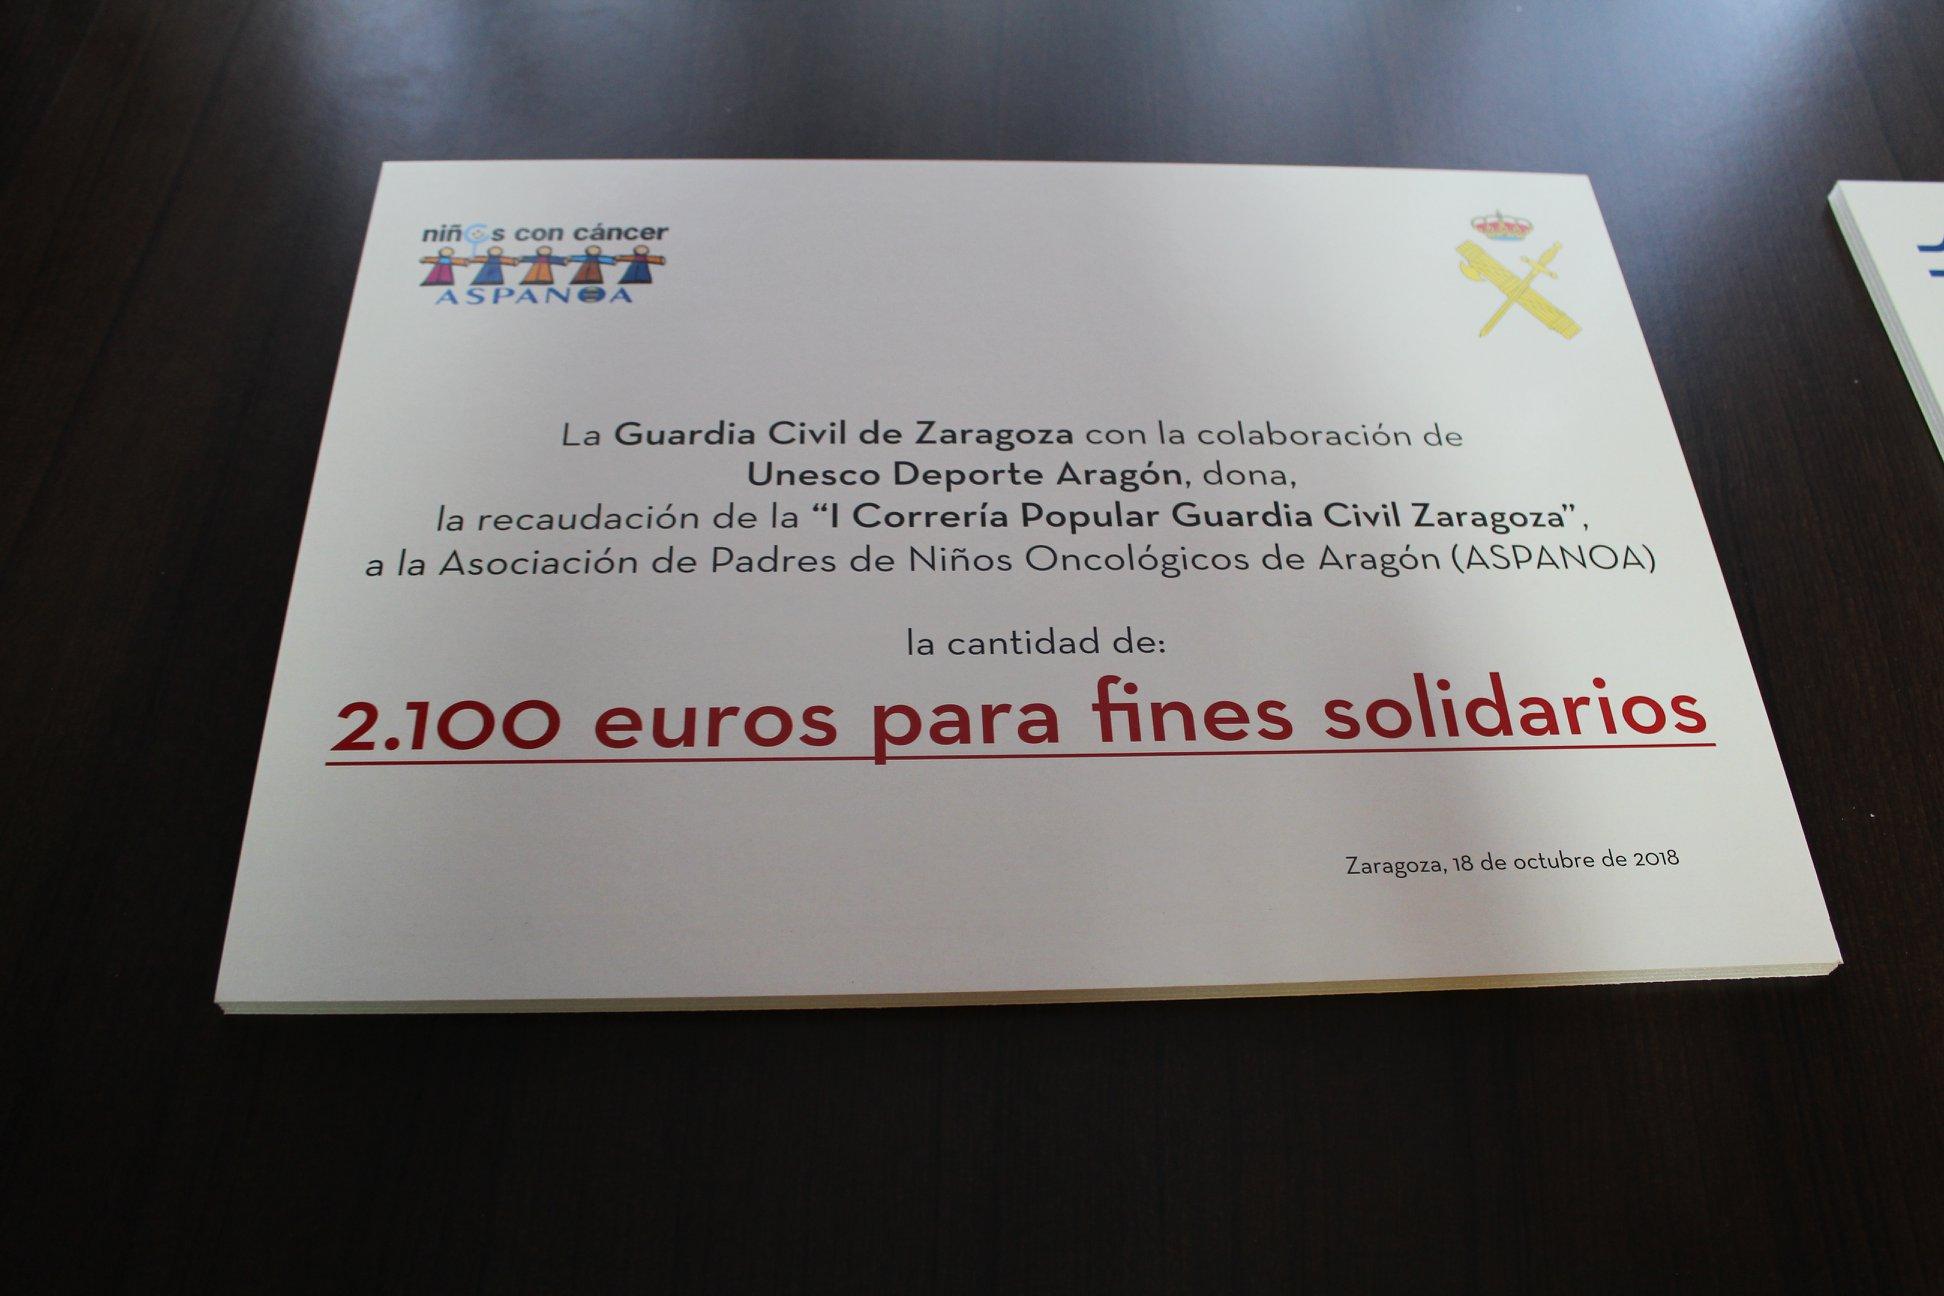 Donación a Aspanoa